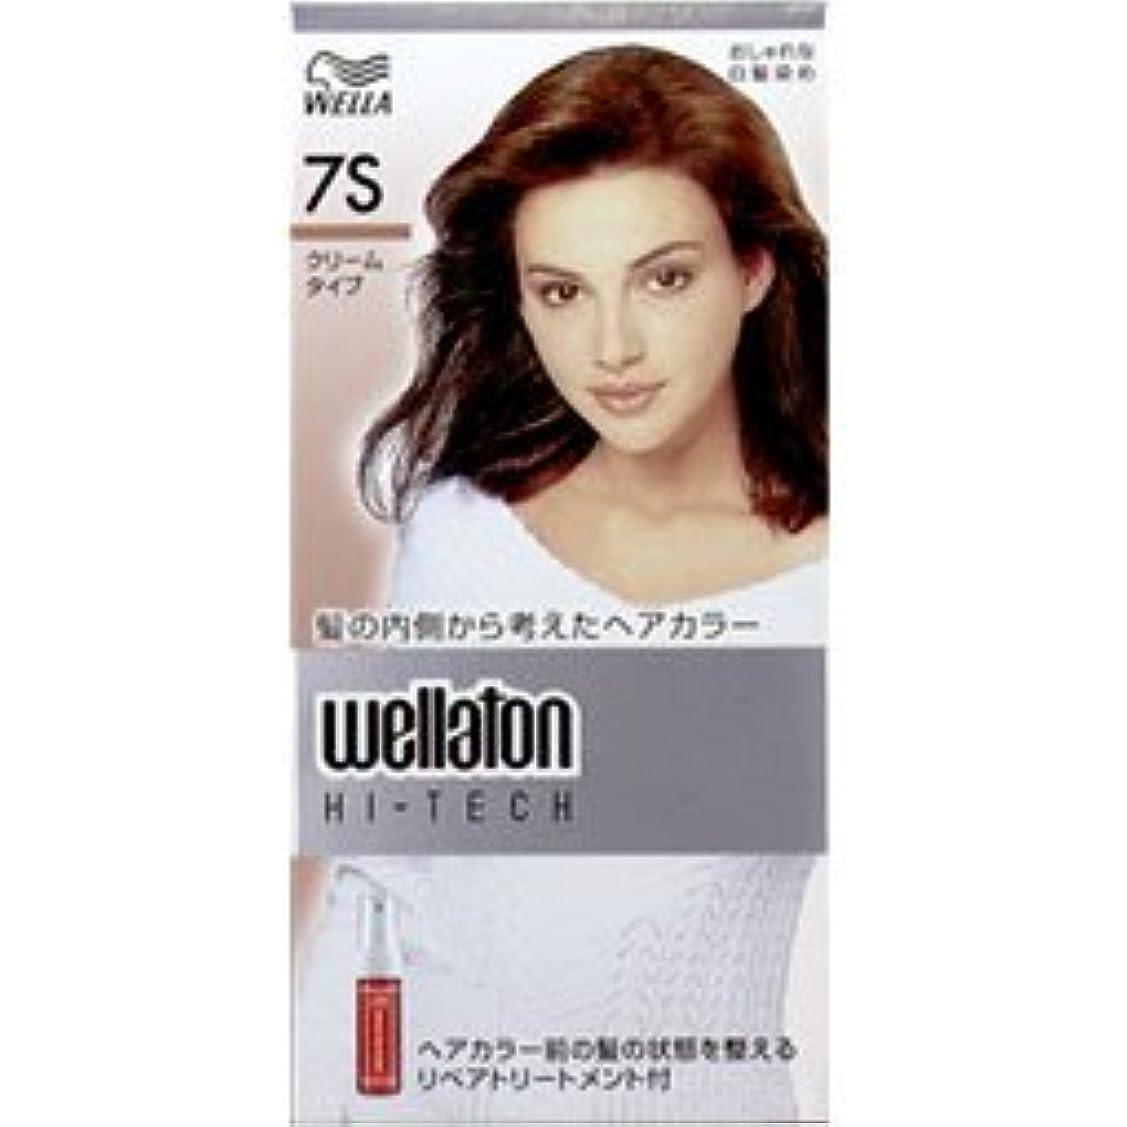 運動する聴く定期的【ヘアケア】P&G ウエラ ウエラトーン ハイテッククリーム 7S 透明感のある明るい栗色 (医薬部外品) 白髪染めヘアカラー(女性用)×24点セット (4902565140602)